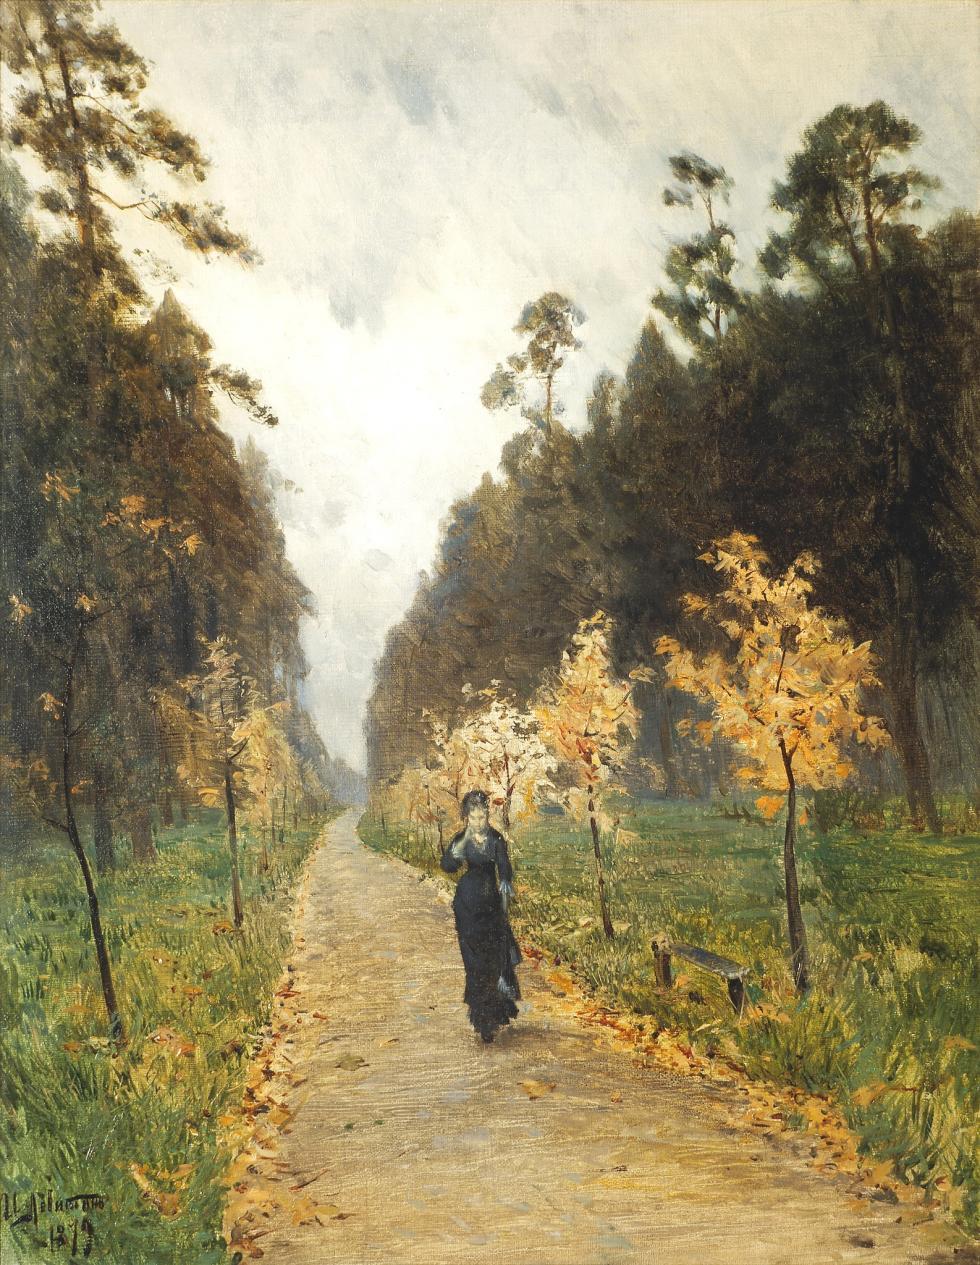 伊萨克·列维坦,《索科尔尼克的秋日》,1879年。藏于国立特列季亚科夫画廊。